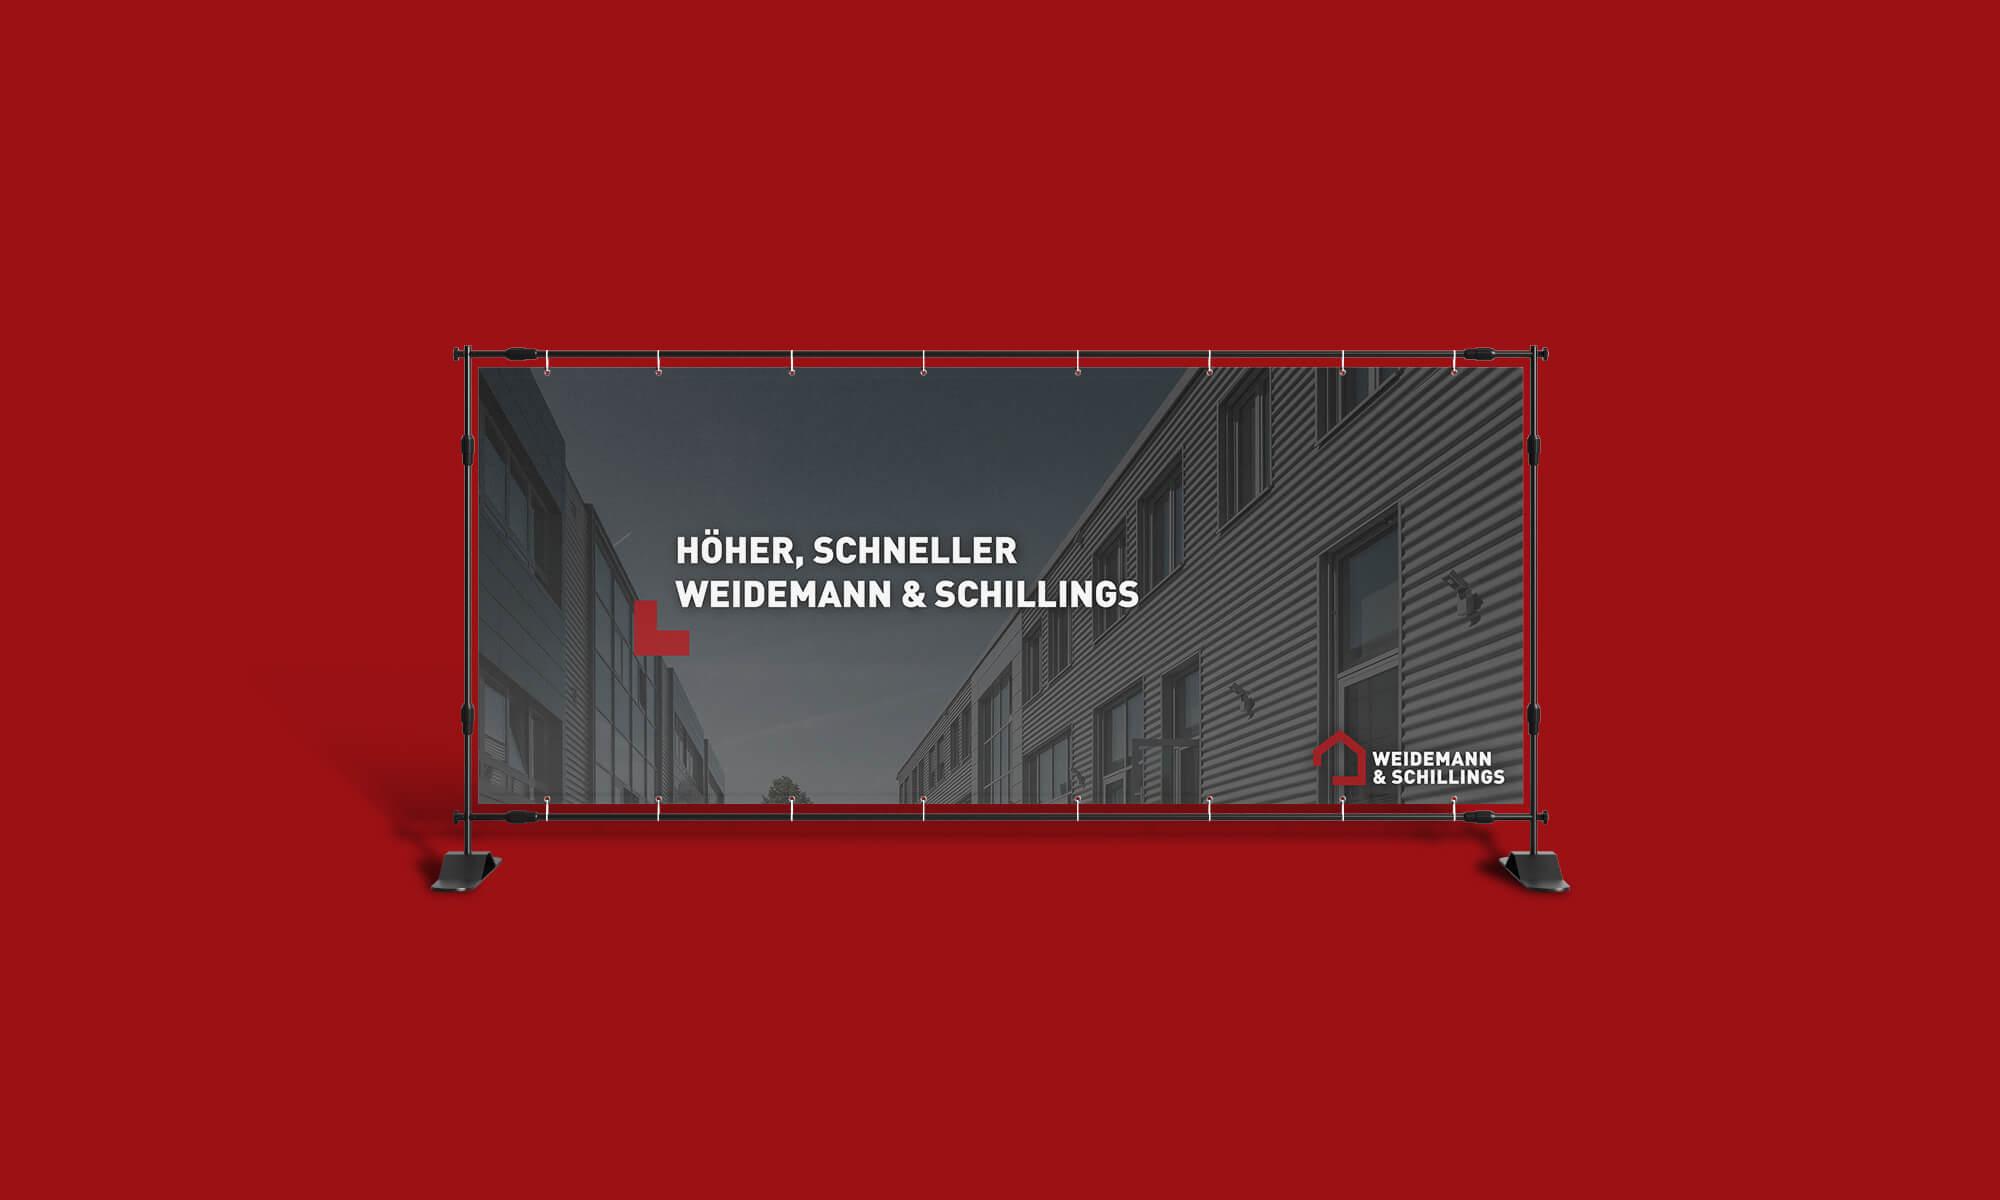 Konzept Weidemann Schillings - Rebranding für Weidemann & Schillings